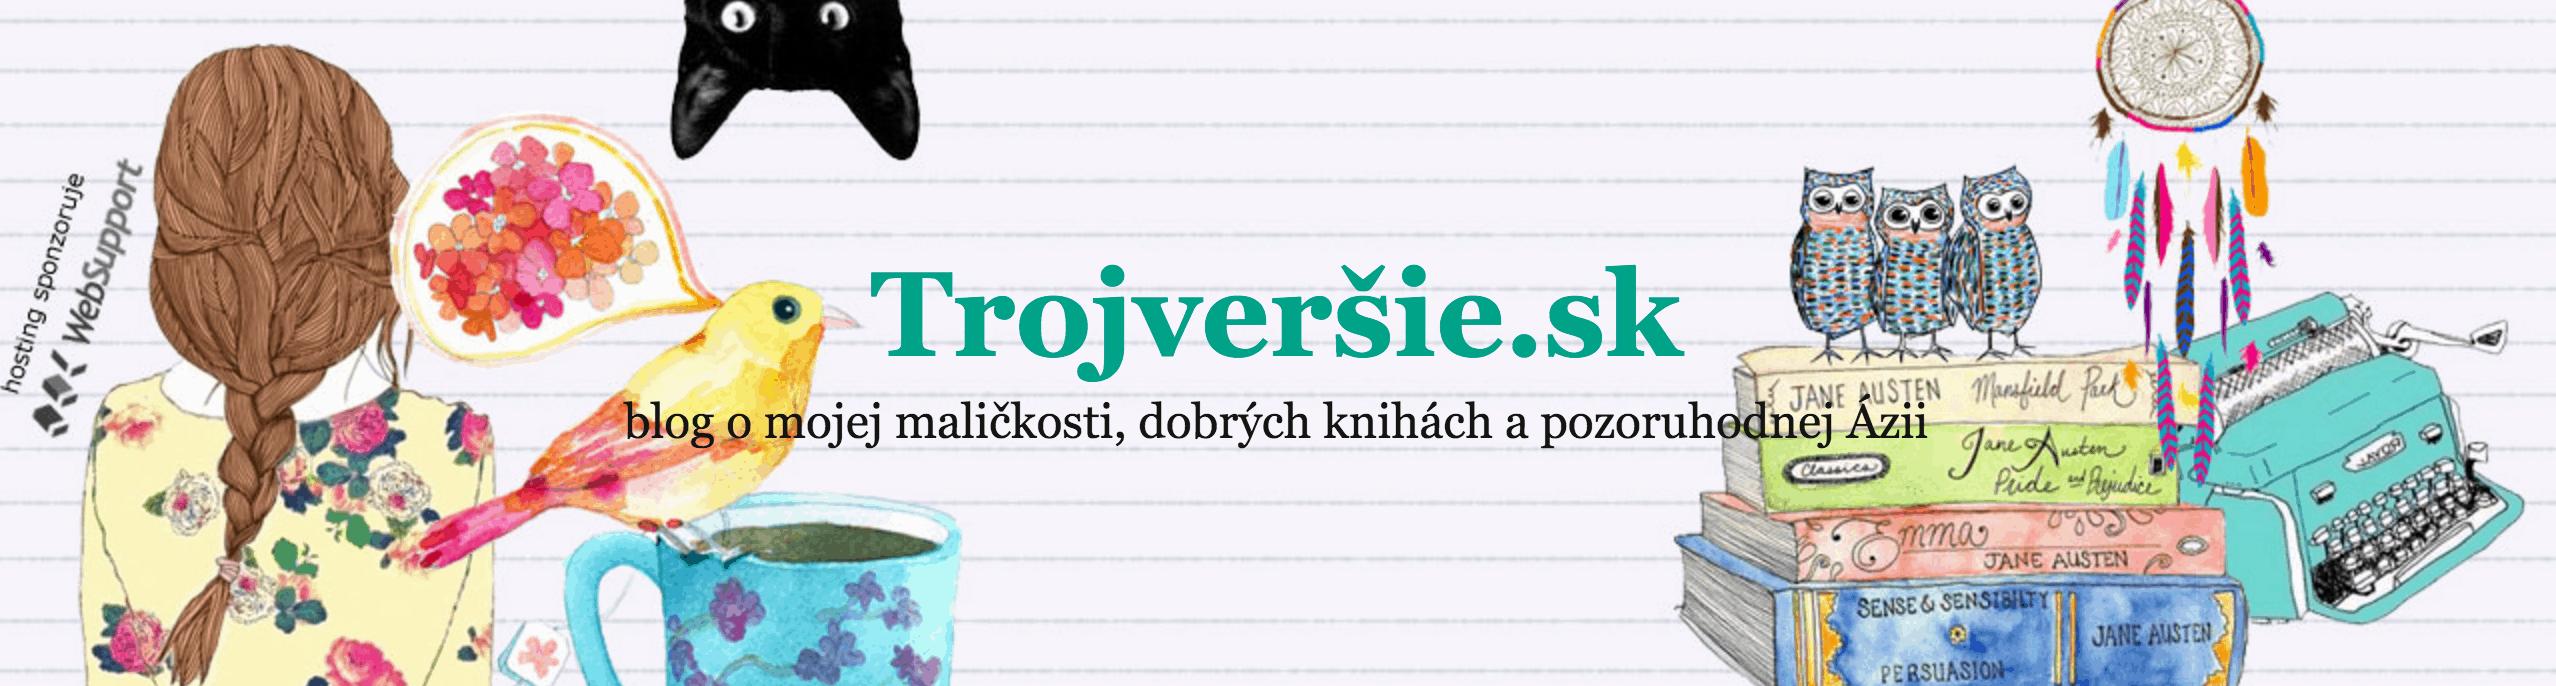 trojversie.sk